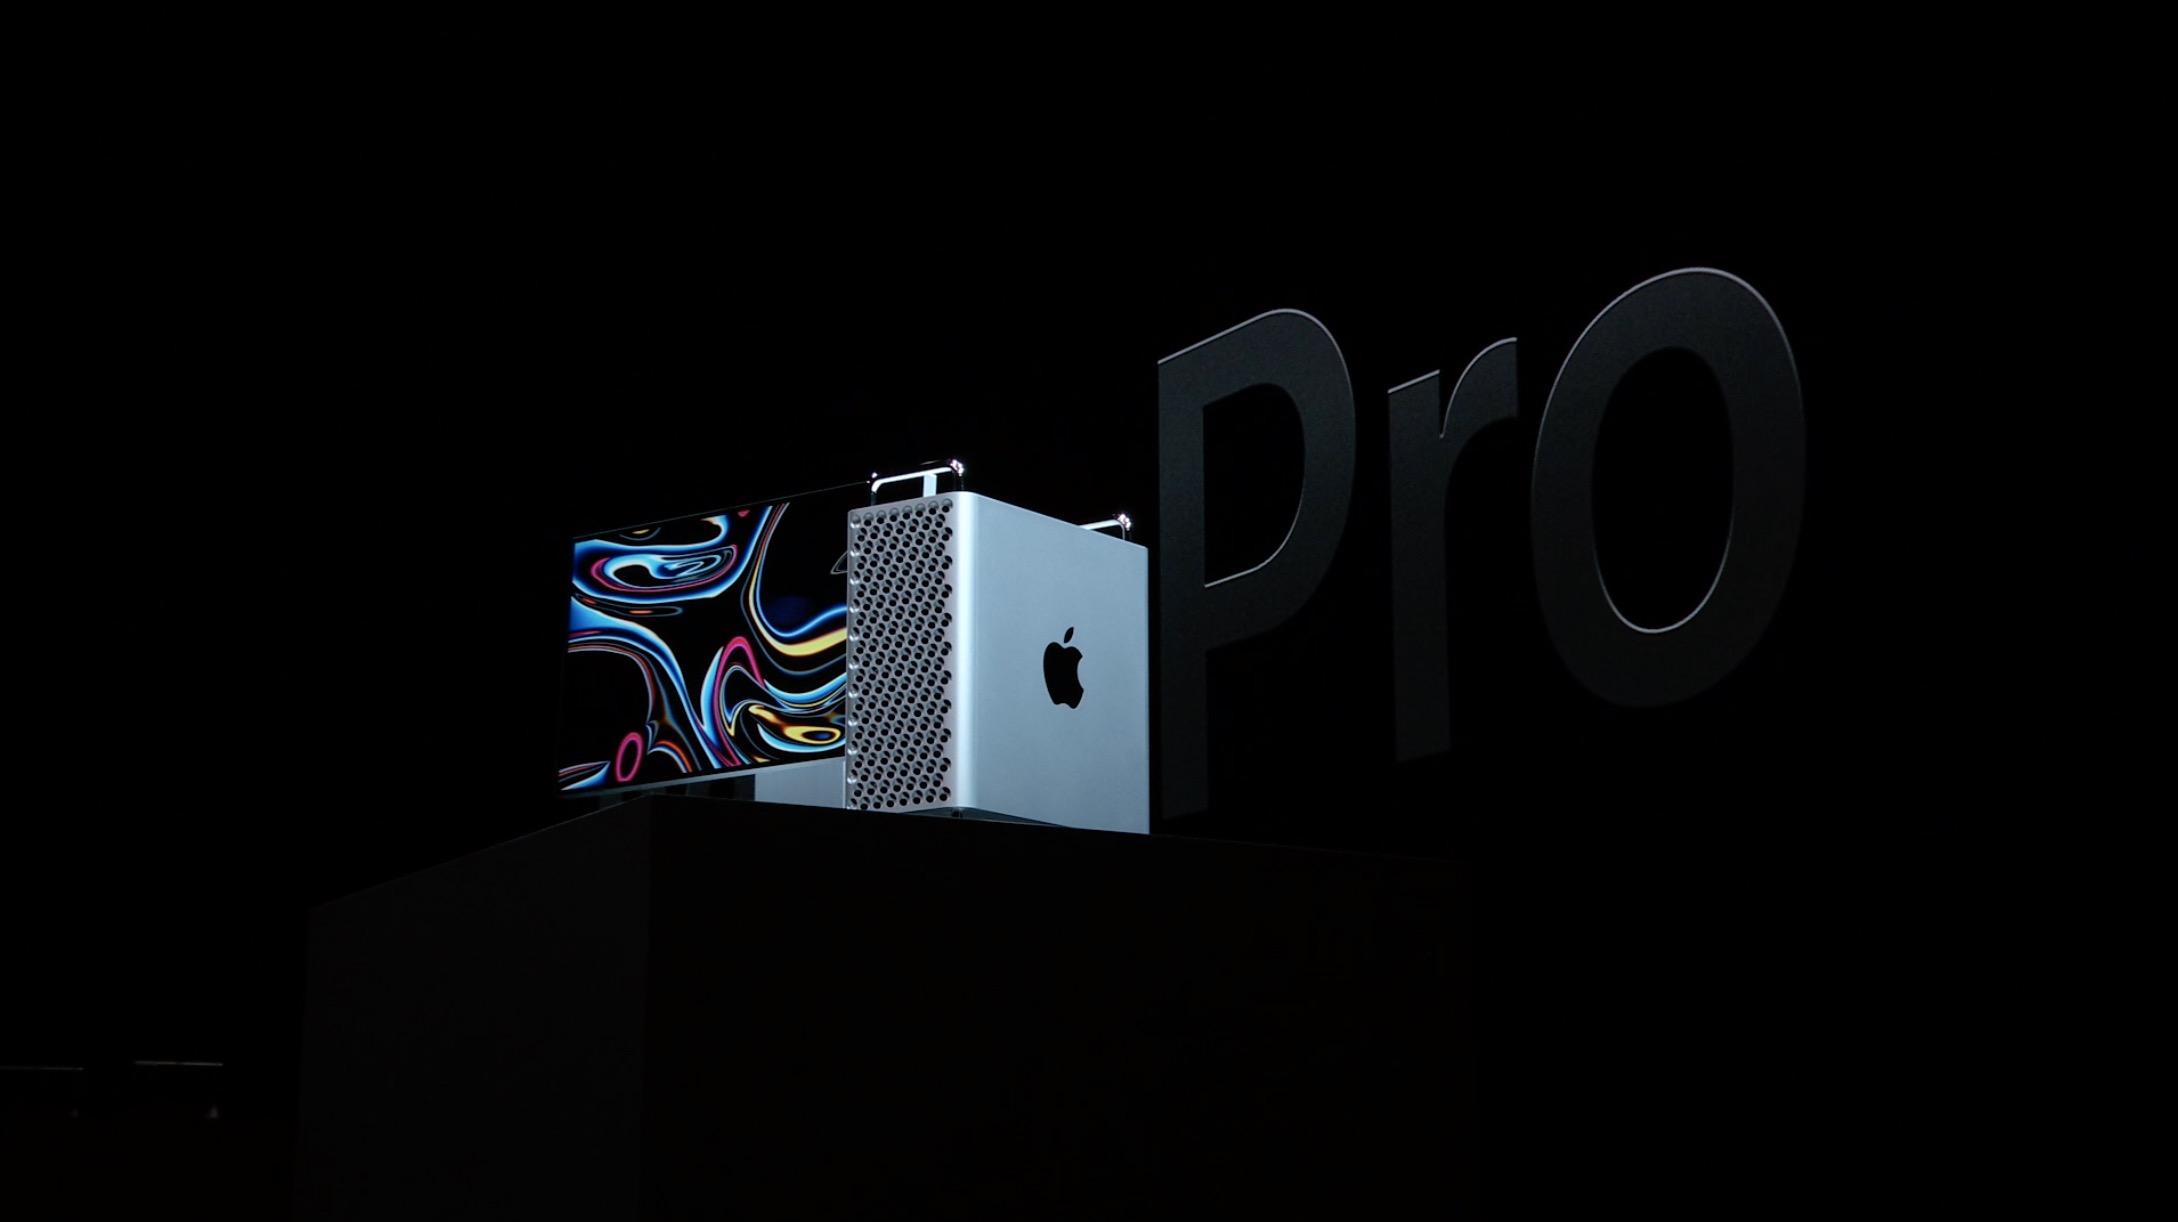 Apple Yeni Mac Pro'yu Onayladı, Pro Display XDR Monitörü Artık Hazır!